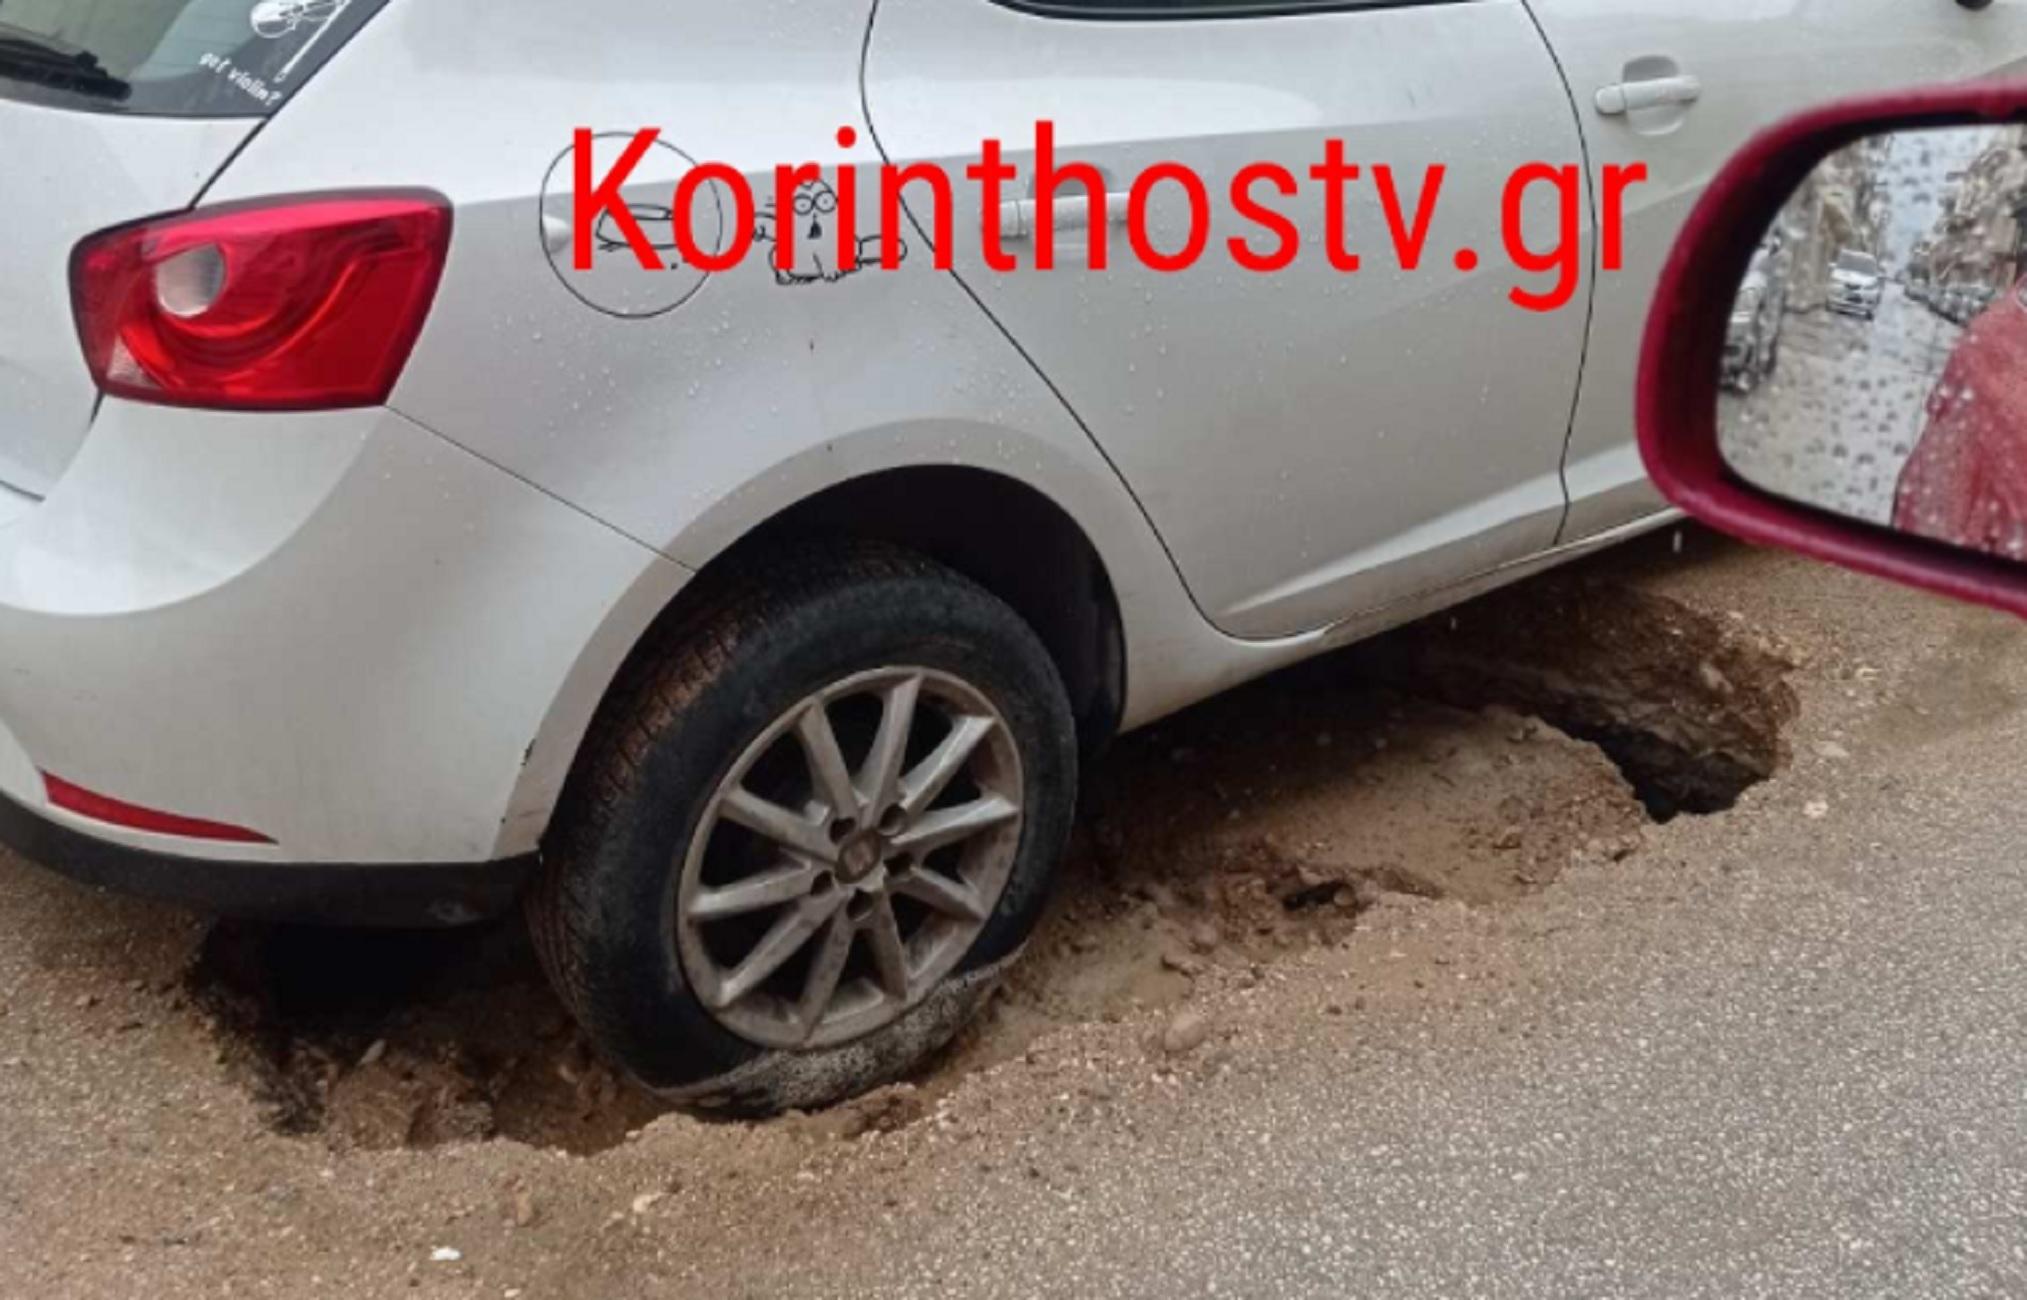 Κόρινθος: Πήγε να ξεπαρκάρει και είδε το αυτοκίνητό του σε αυτή την κατάσταση (pics)